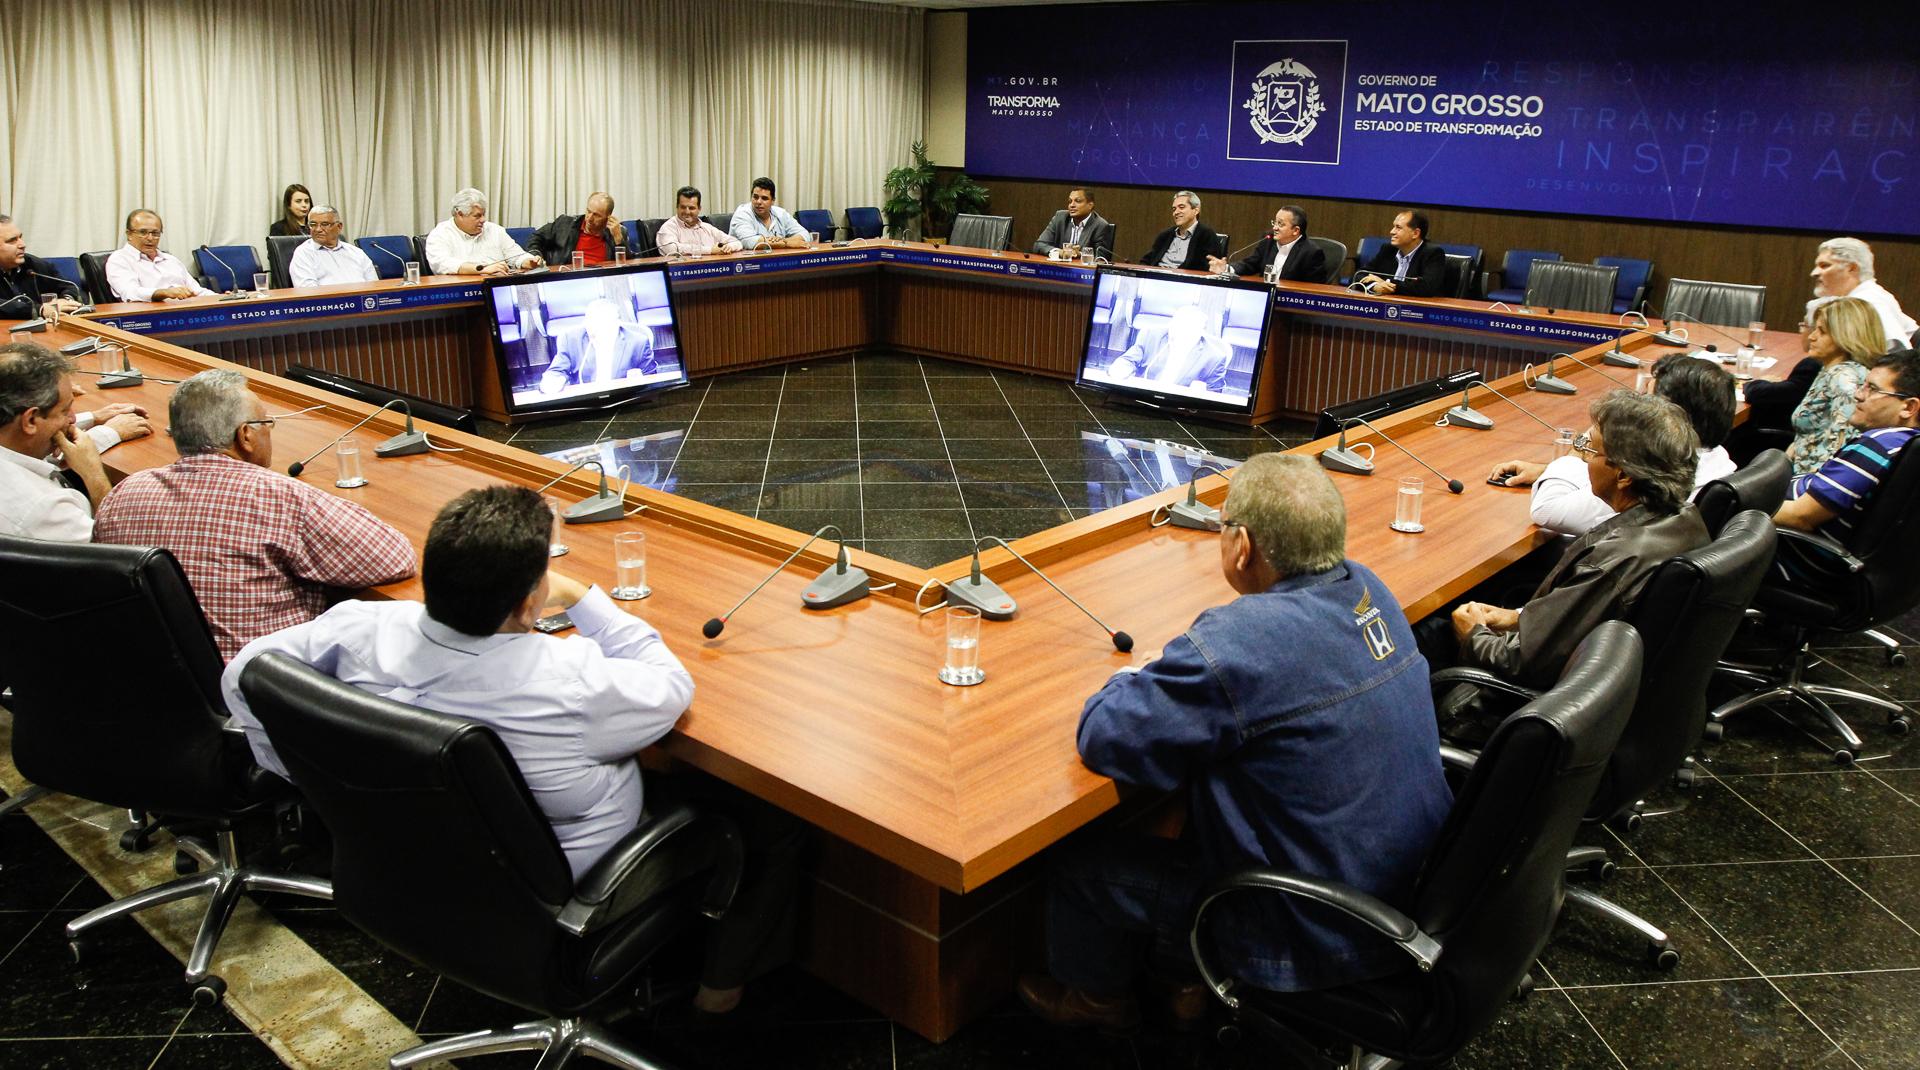 """FETHAB : Taques reforça importância do setor produtivo no """"Pacto por MT"""""""